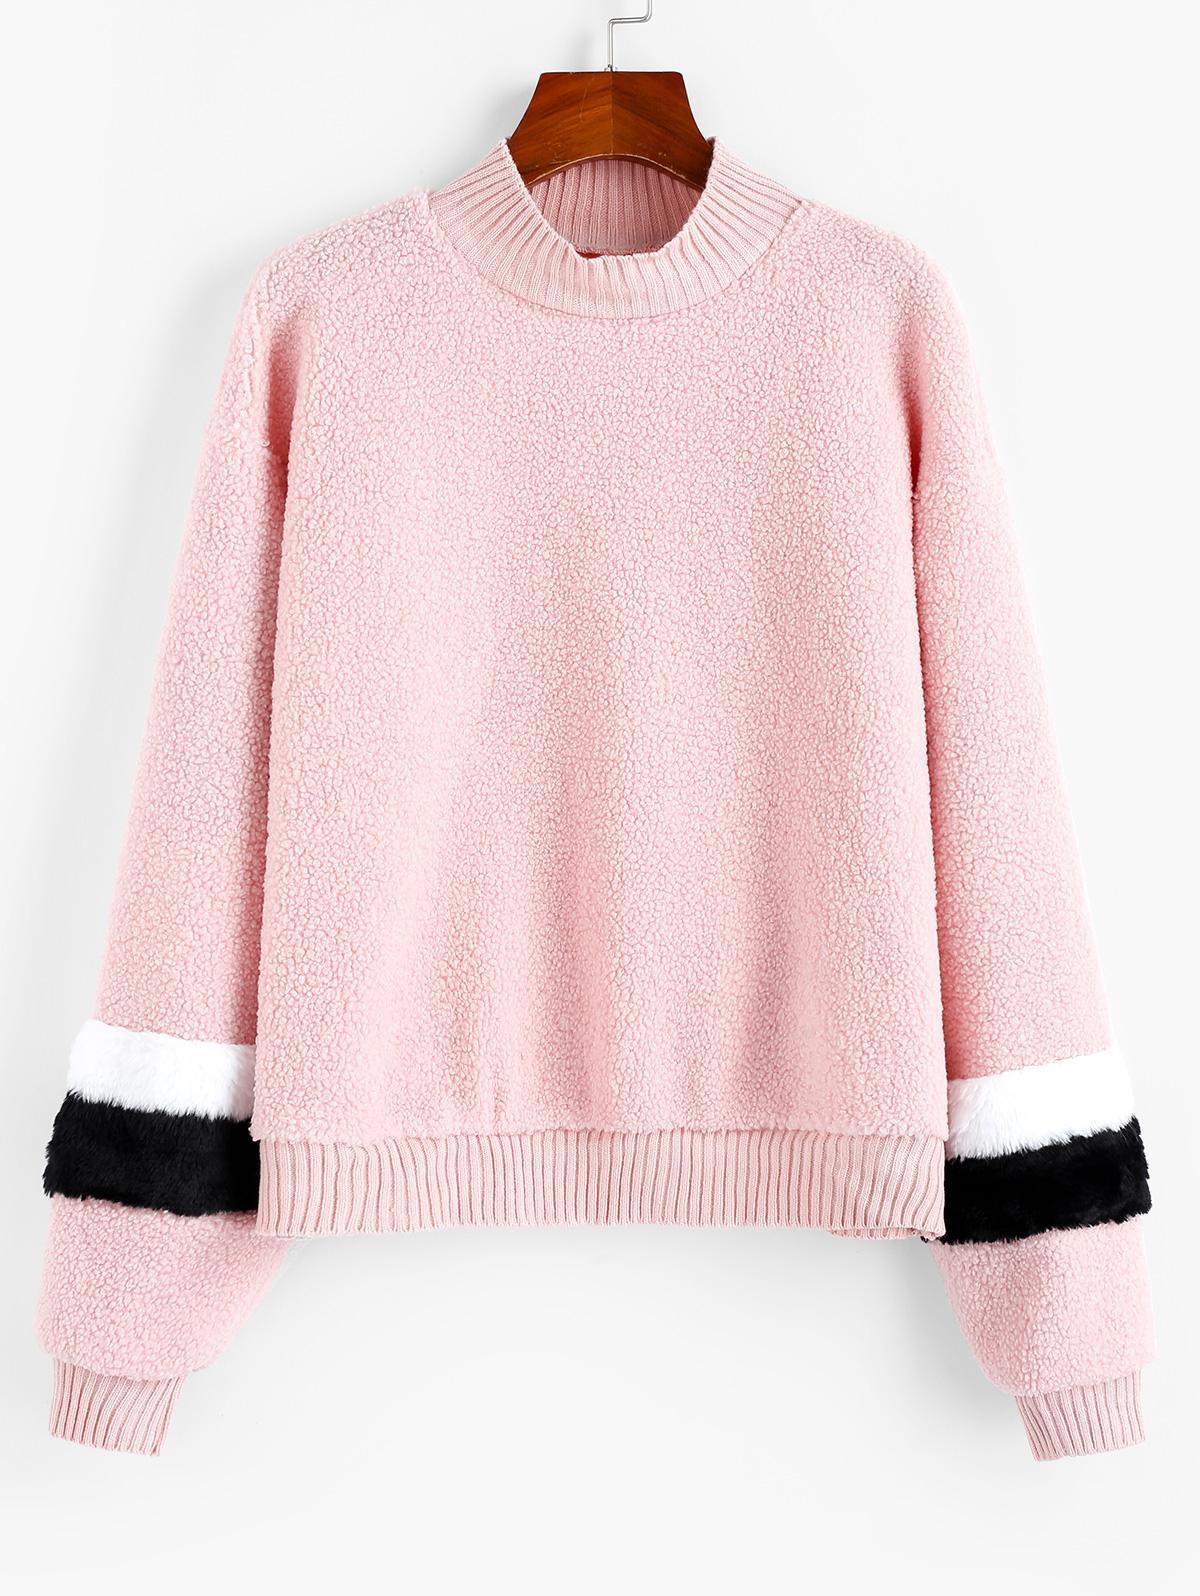 Splicing Knitted Teddy Sweatshirt